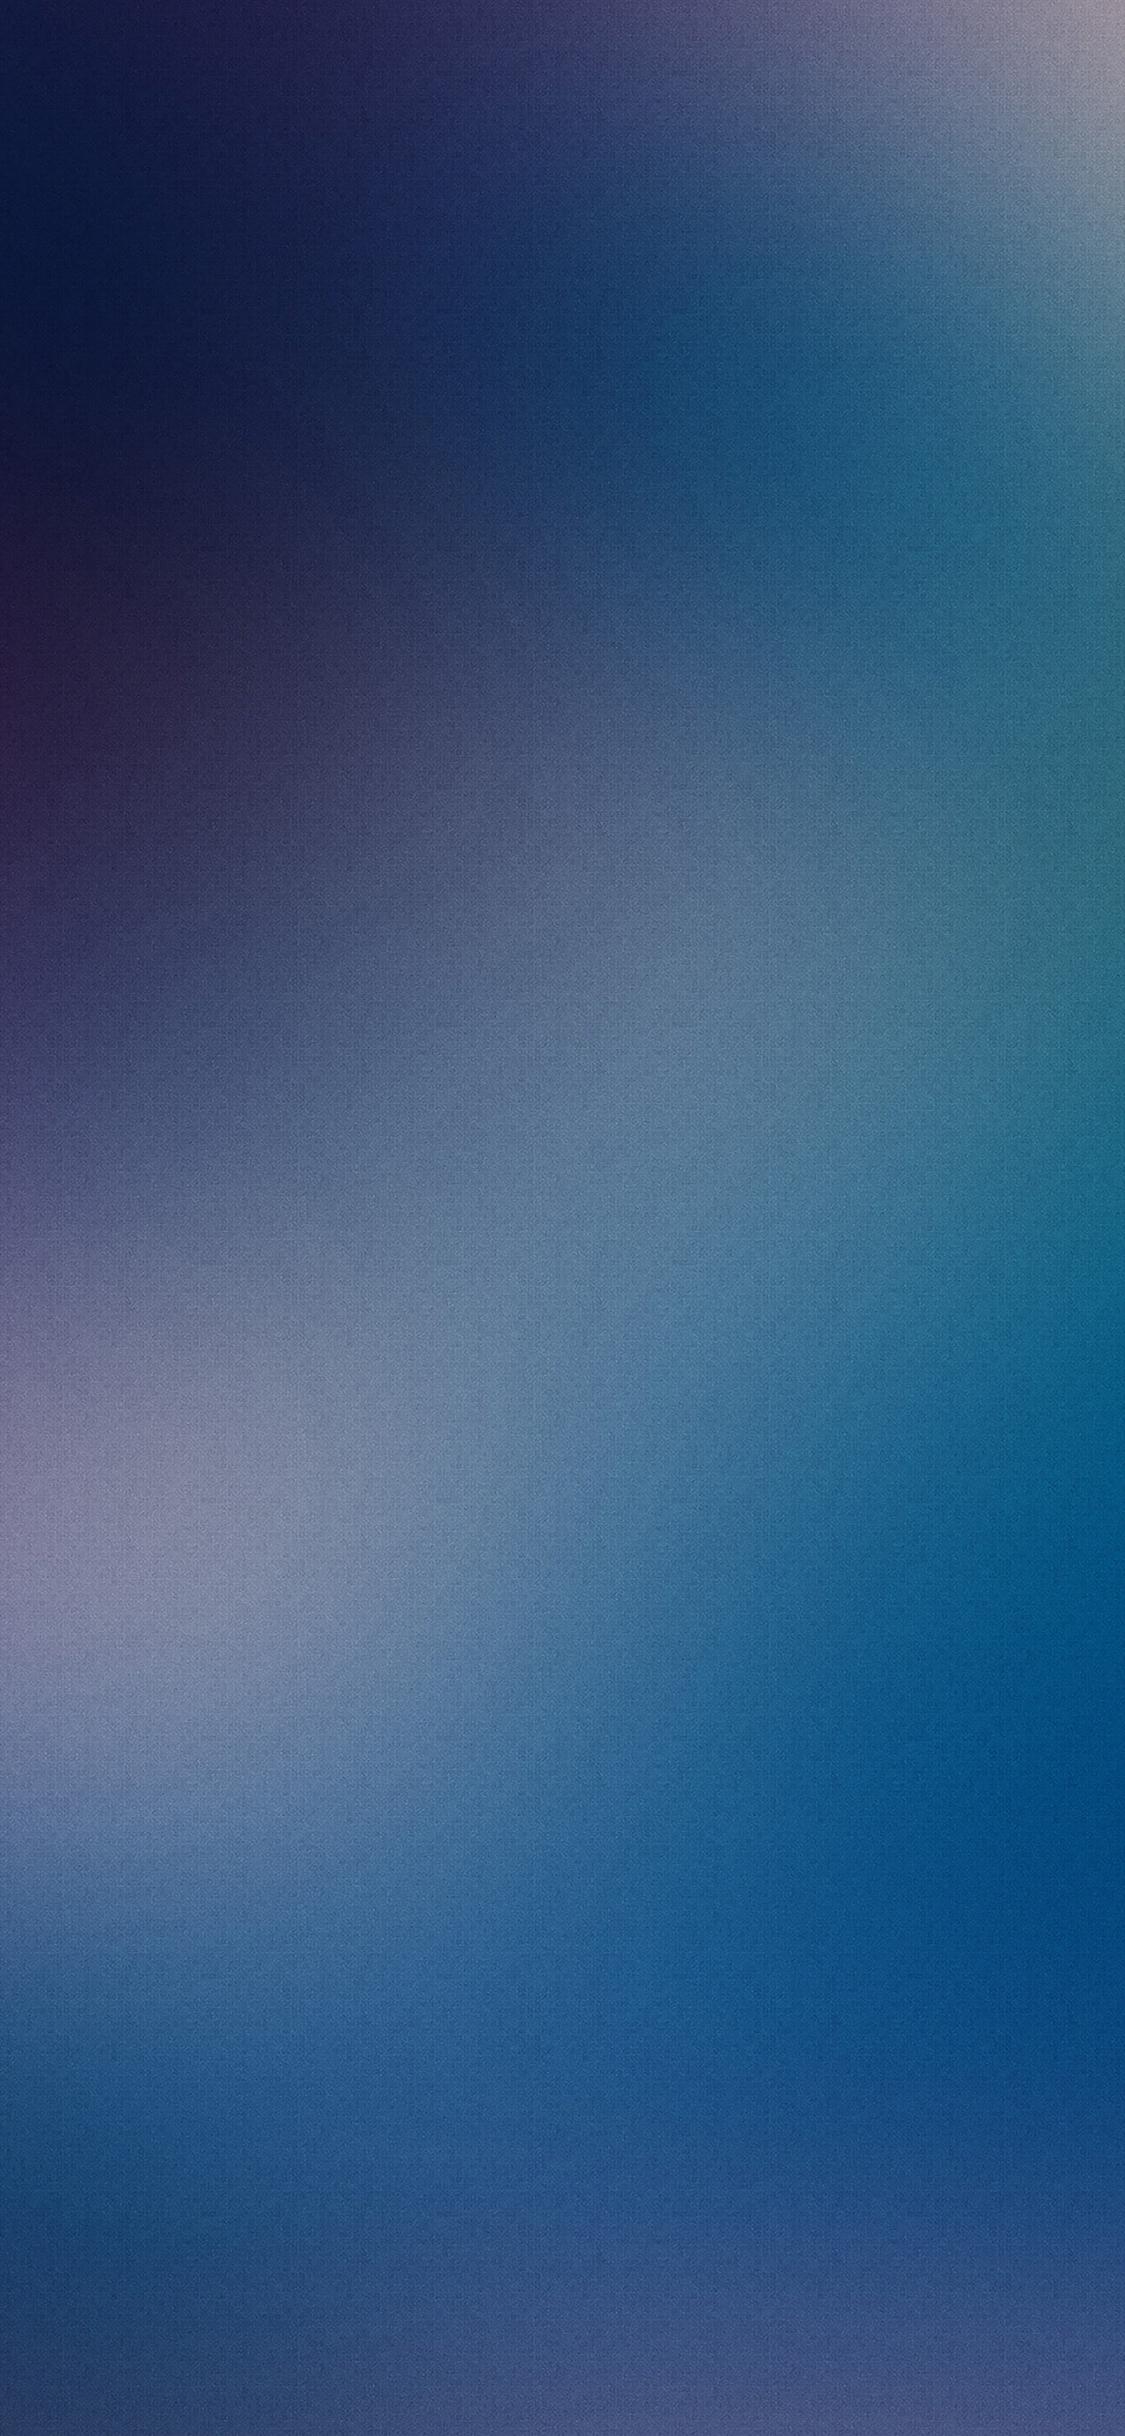 Iphonexpapers Com Iphone X Wallpaper Vg89 Grid Blur